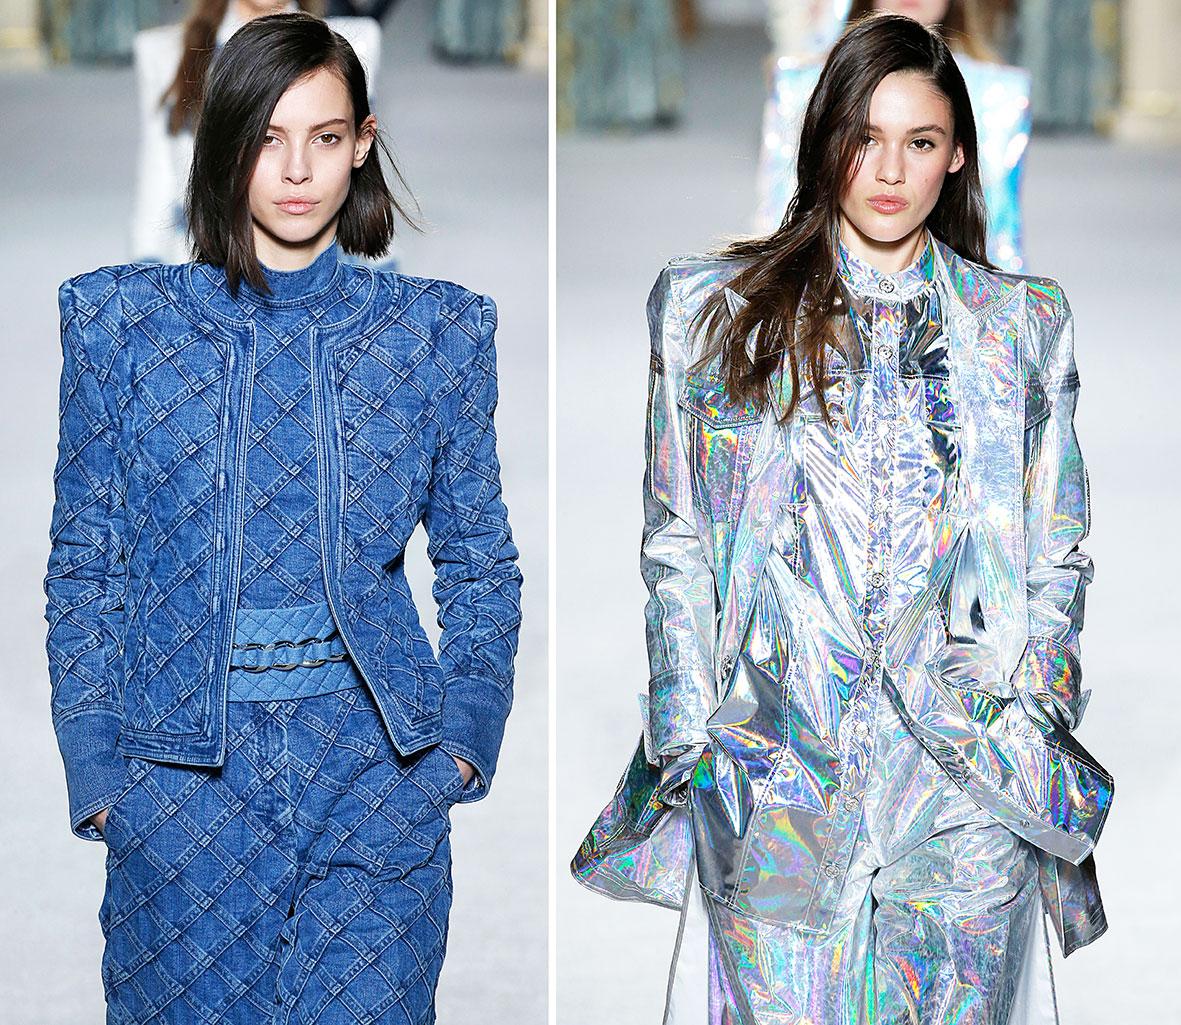 Models in Jacken mit Schulterpolstern